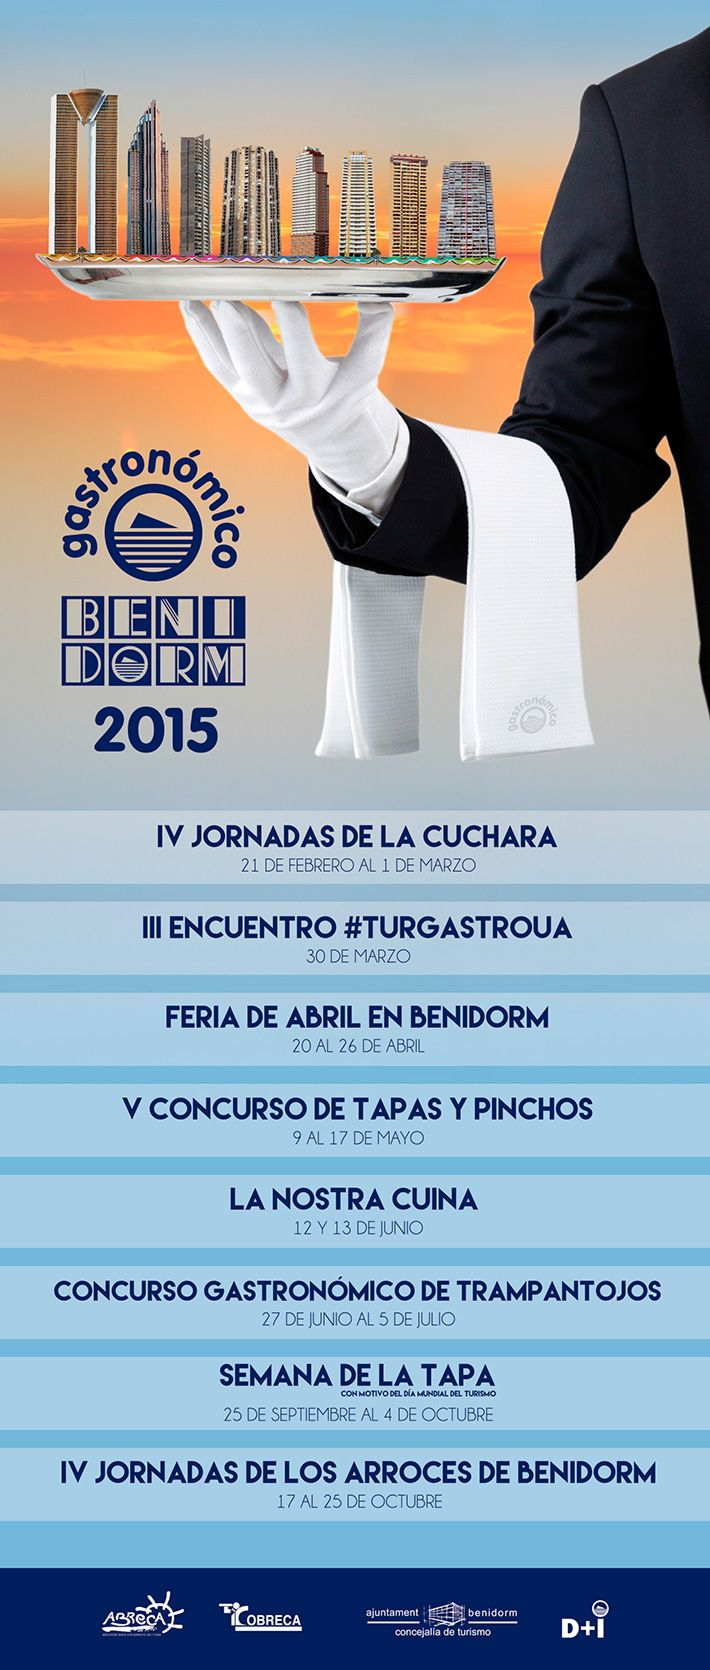 jornadas2015-1